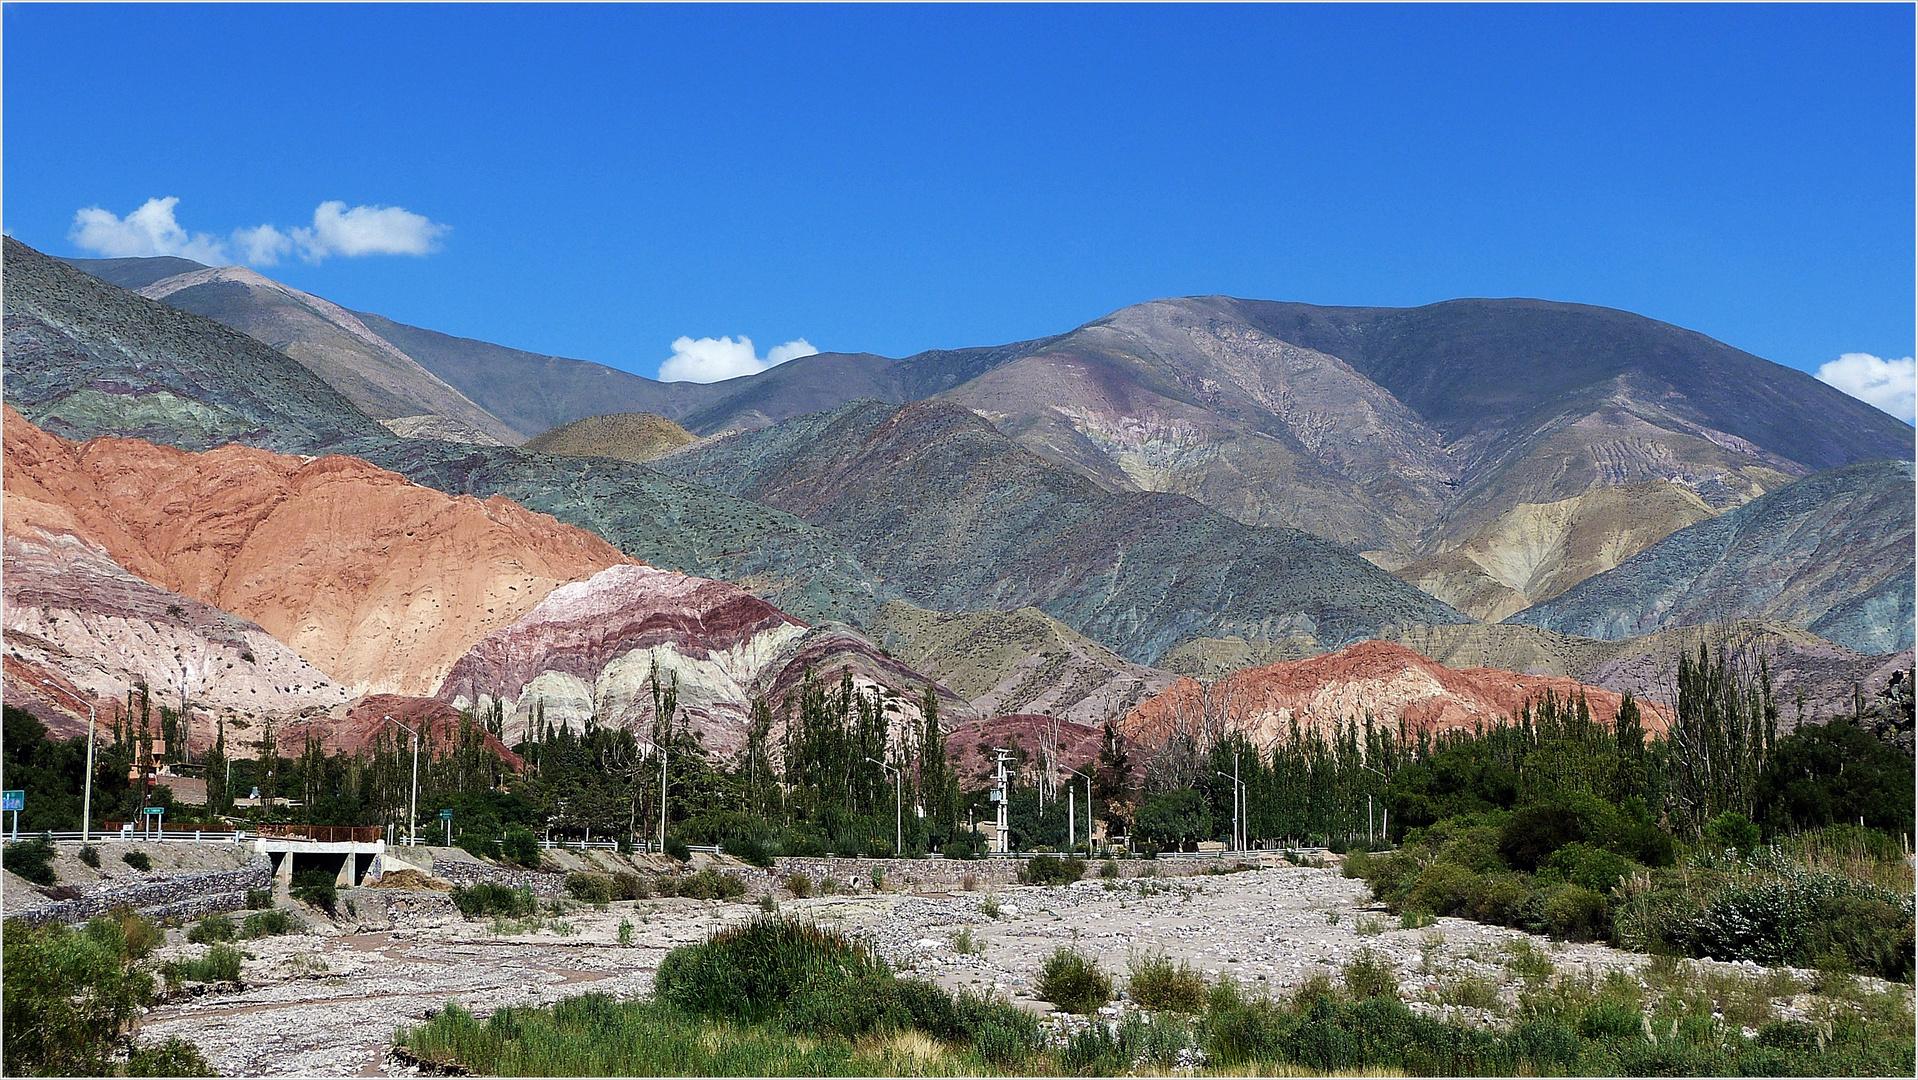 Quebrada de Humahuaca 4